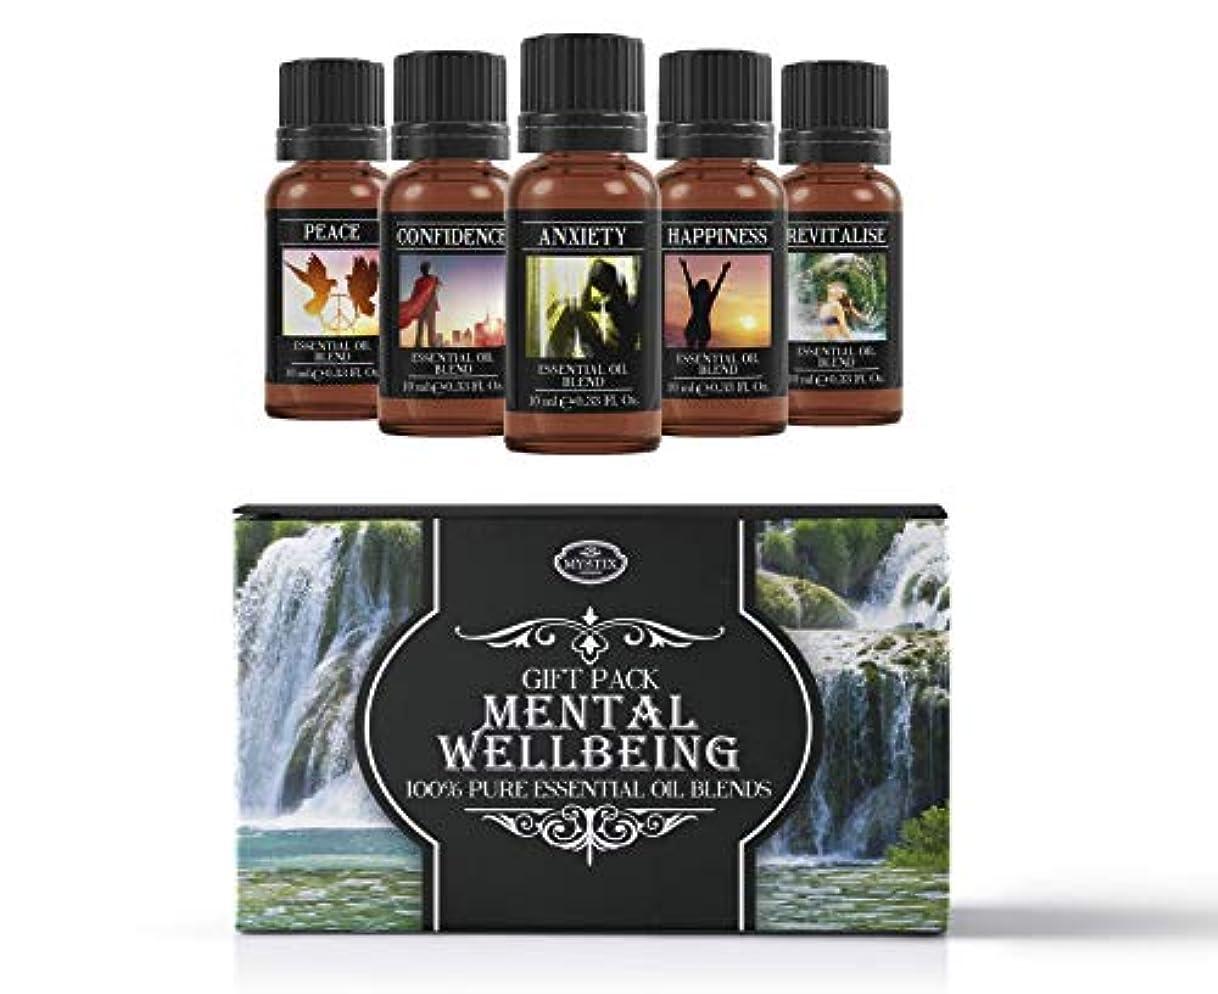 ワックスファックス靴下Mental Wellbeing | Essential Oil Blend Gift Pack | Anxiety, Confidence, Happiness, Peace, Revitalise | 100% Pure...